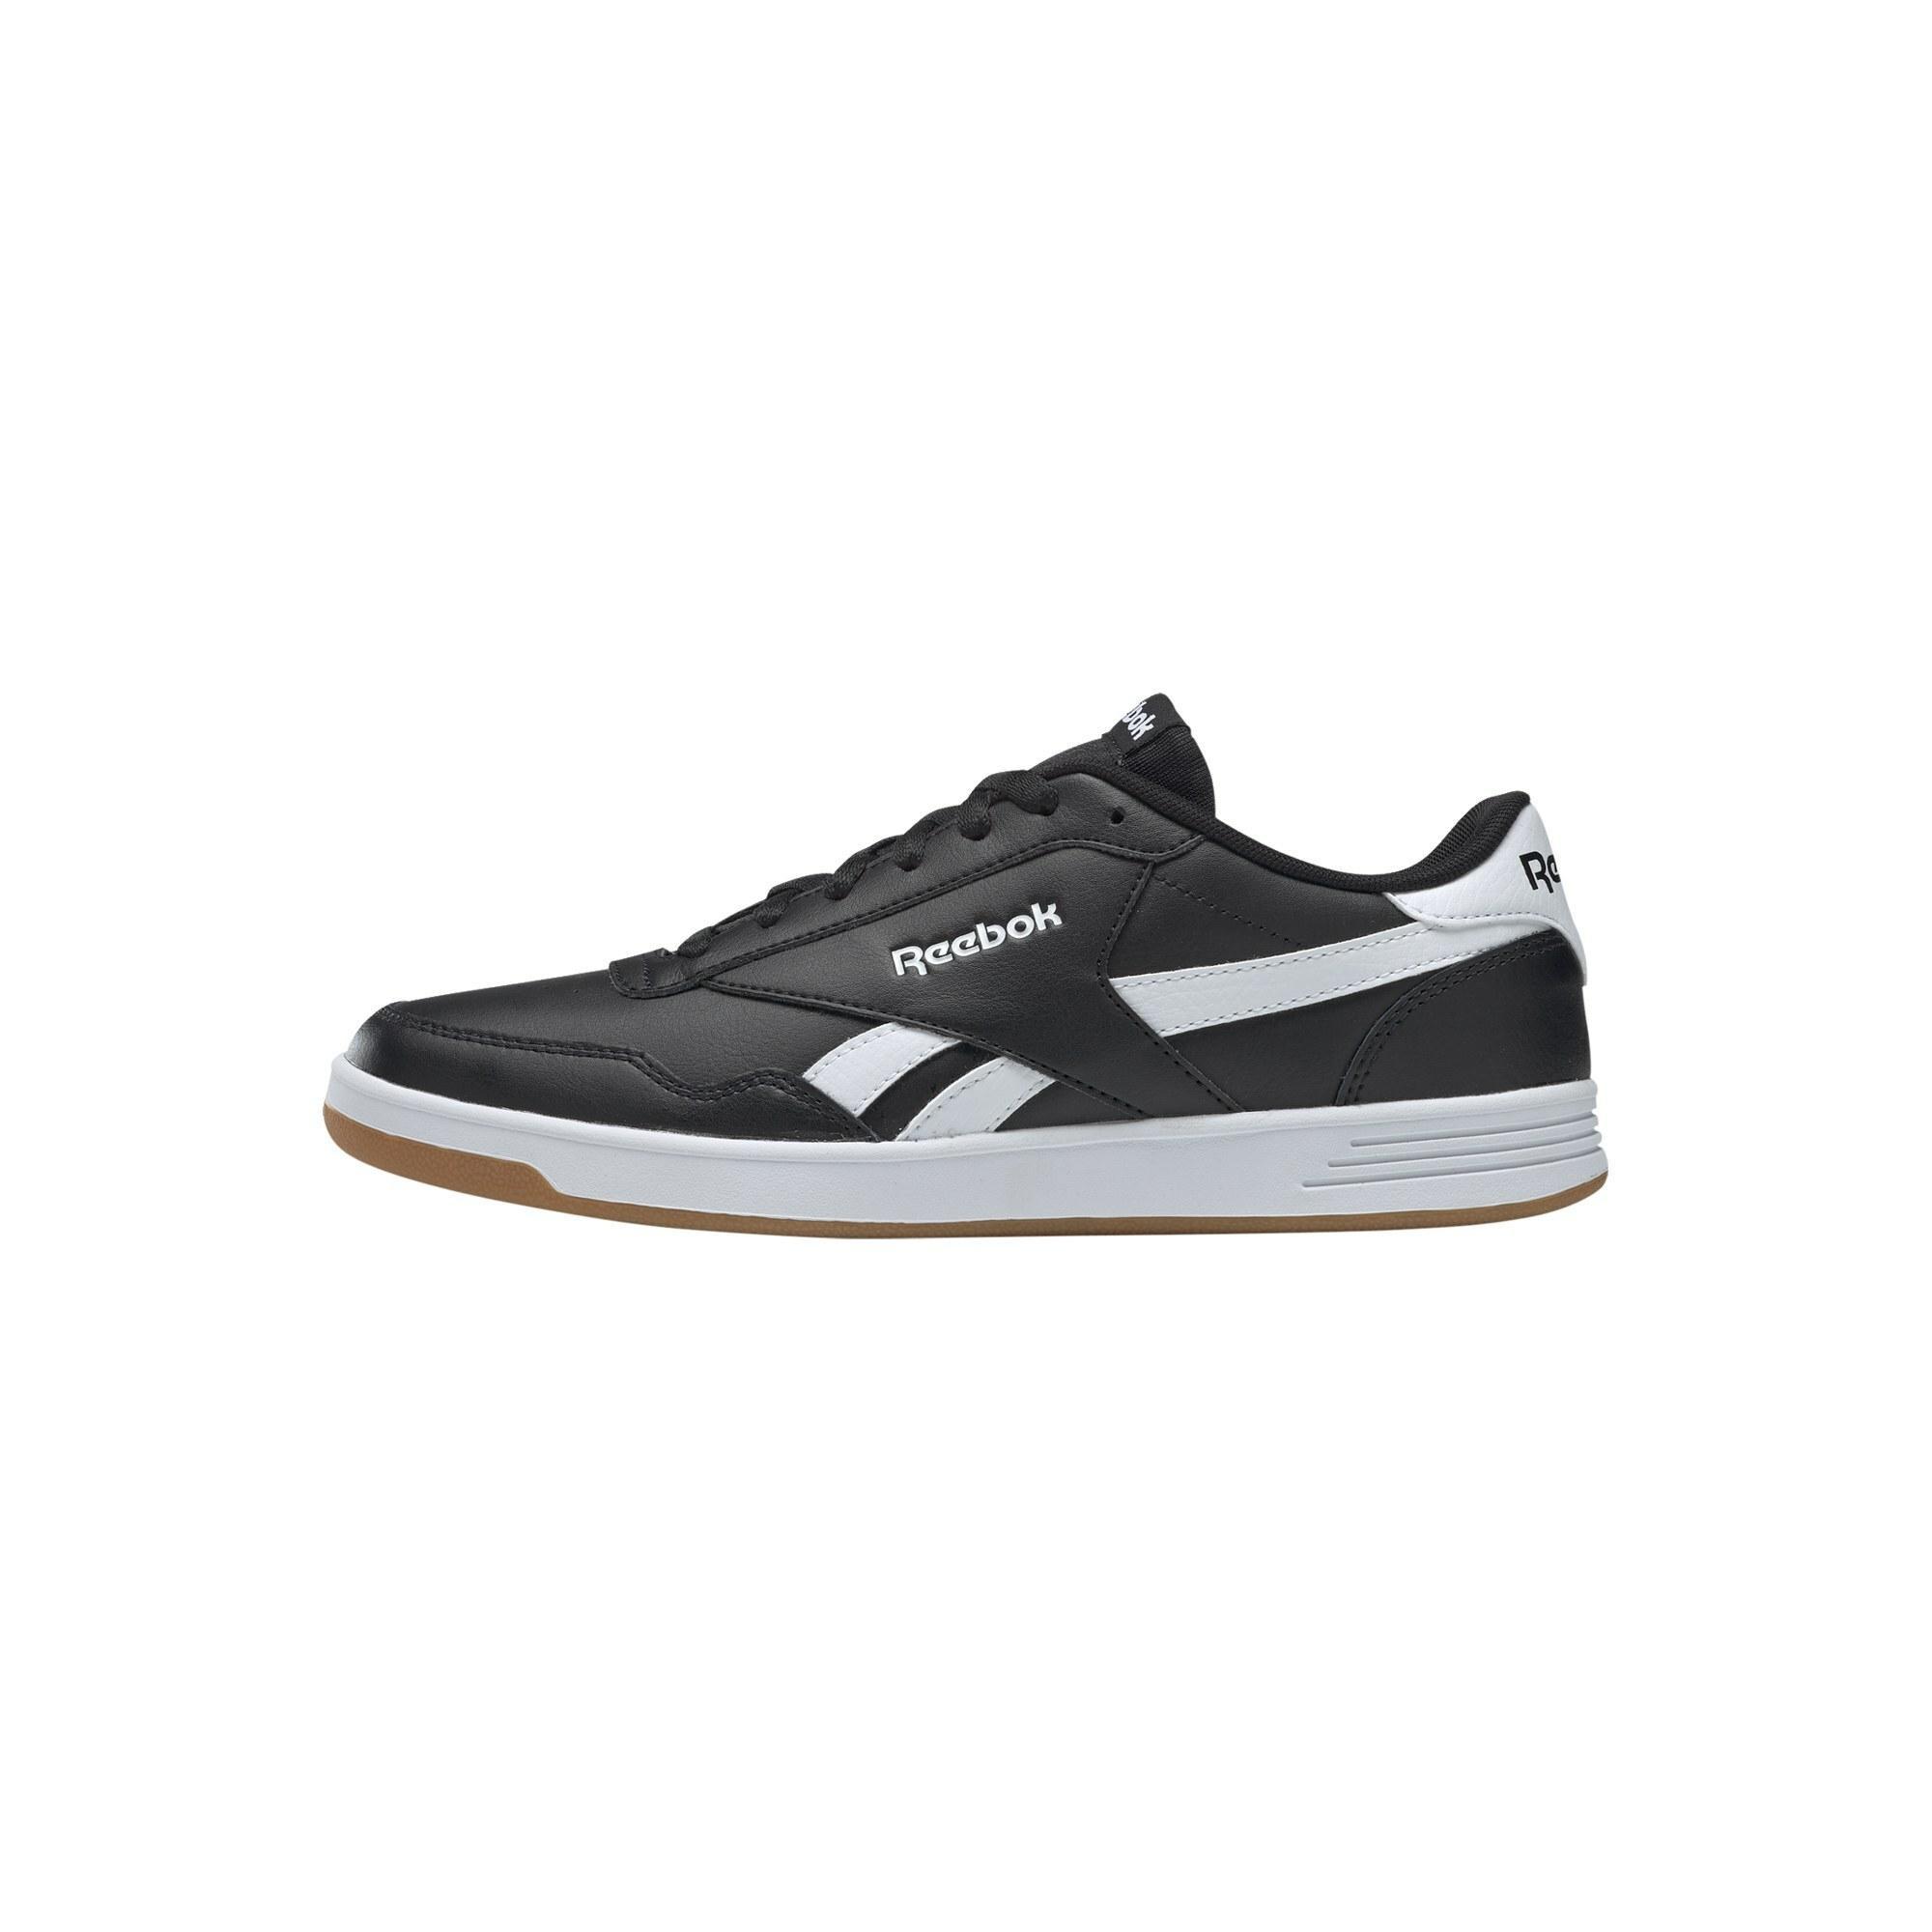 Reebok Sneaker Herren Black/Black/White/Gum Black/Black/White/Gum Black/Black/White/Gum im Online Shop von SportScheck kaufen Gute Qualität beliebte Schuhe 2d99c3